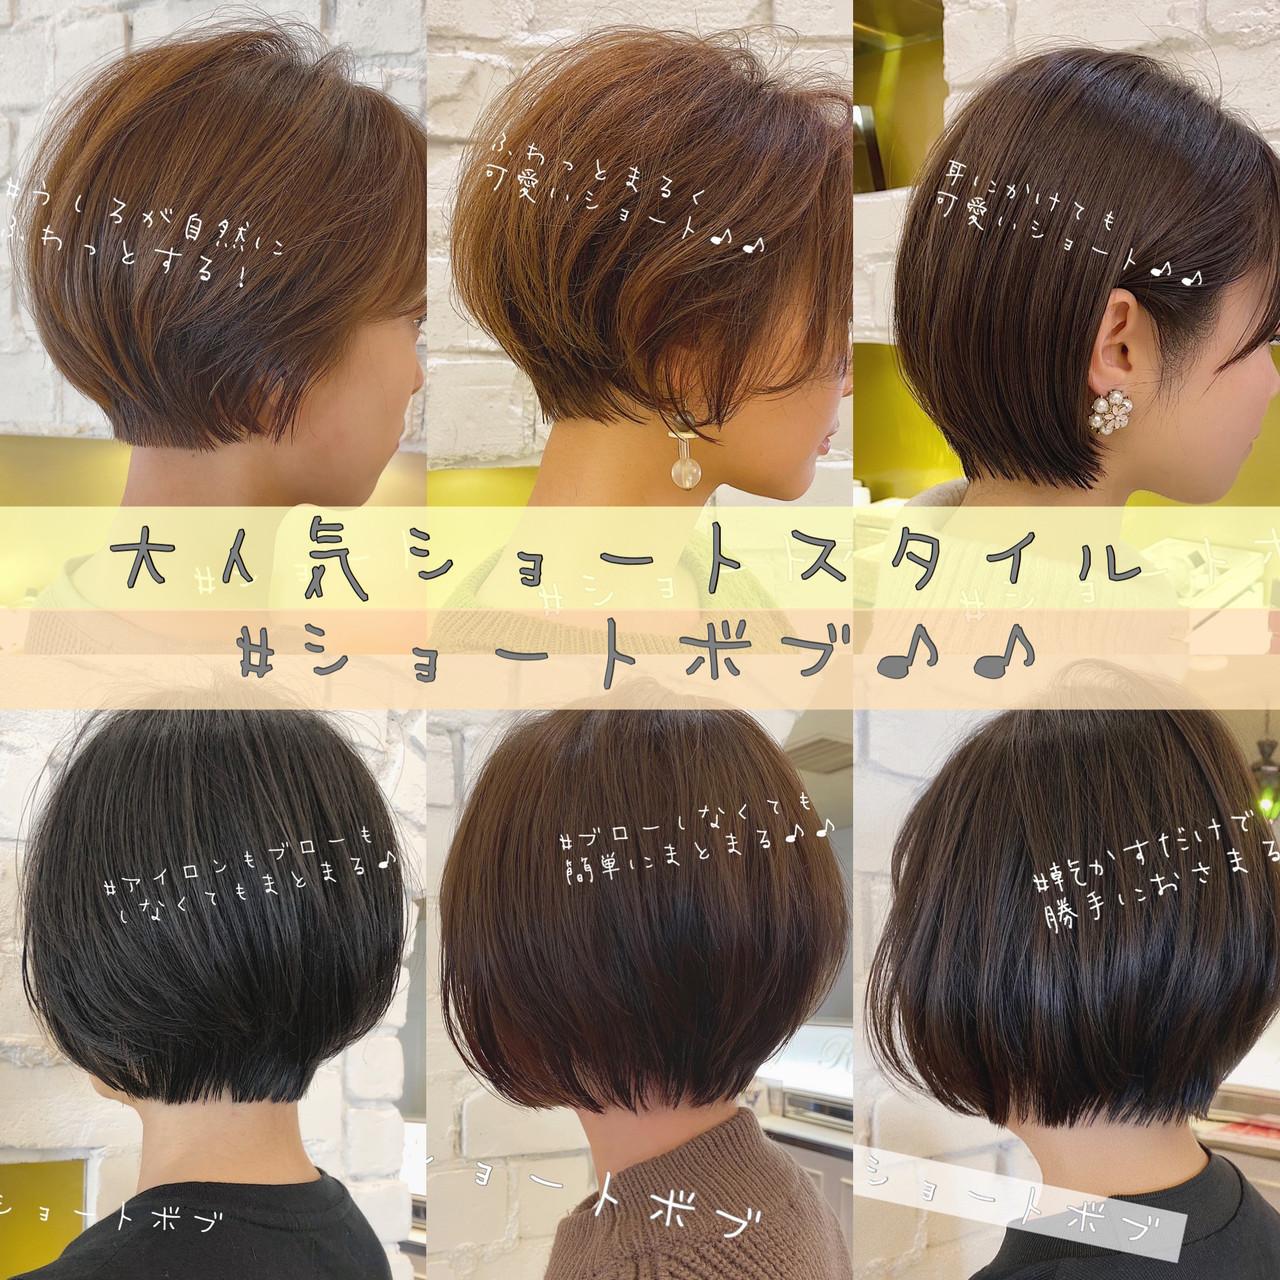 ミニボブ ショートヘア ハンサムショート ショート ヘアスタイルや髪型の写真・画像 | 石川有里彩 / リュドール栄